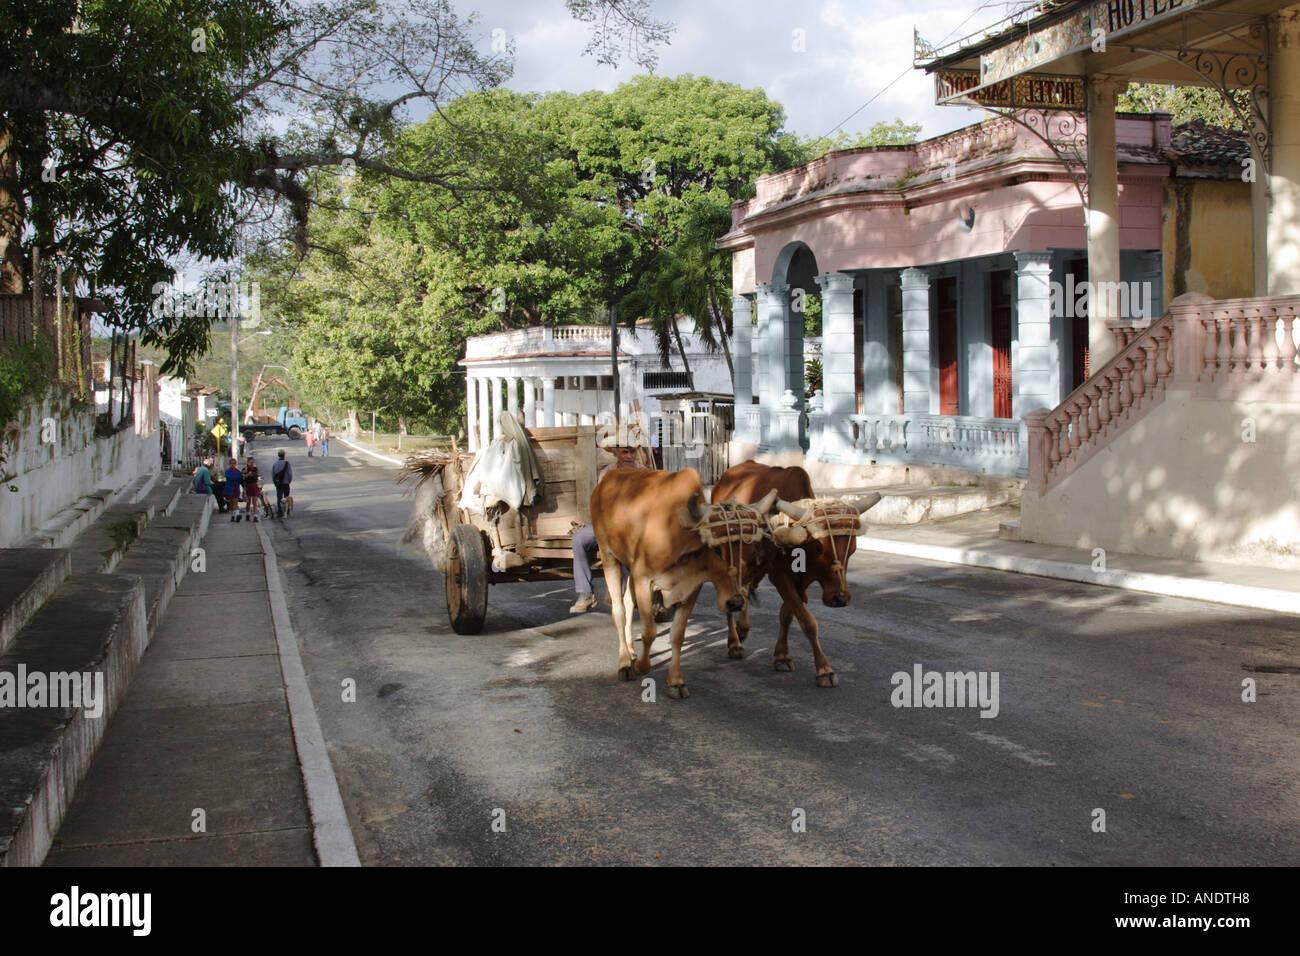 oxen cart outside hotel saratoga san diego de los baos cuba stock photo